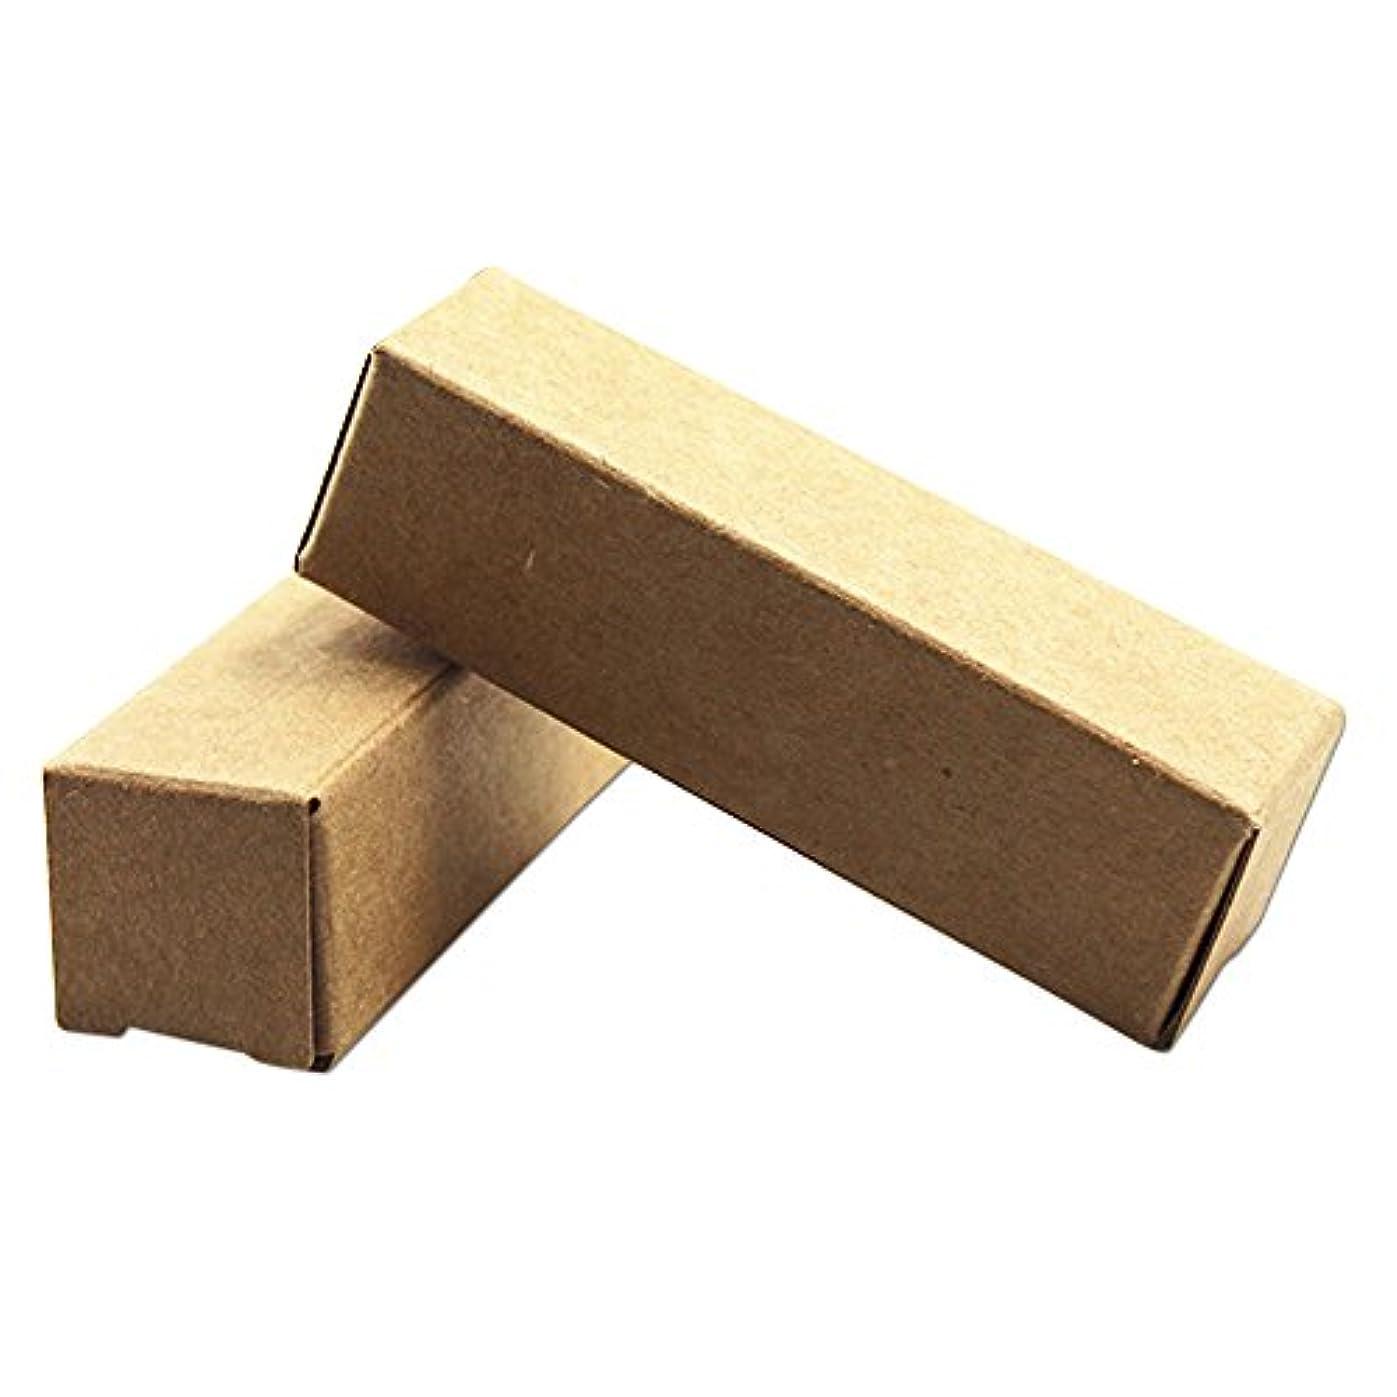 コンクリートバックアップロッド口紅ボトル 段ボール クラフト紙 茶色 包装箱 化粧品 メイクアップ ツールクラフト紙 エッセンシャルオイルクリームボトル ギフト バスケット 折りたたみ 小物 100個入 (2 x 2 x 7 cm)